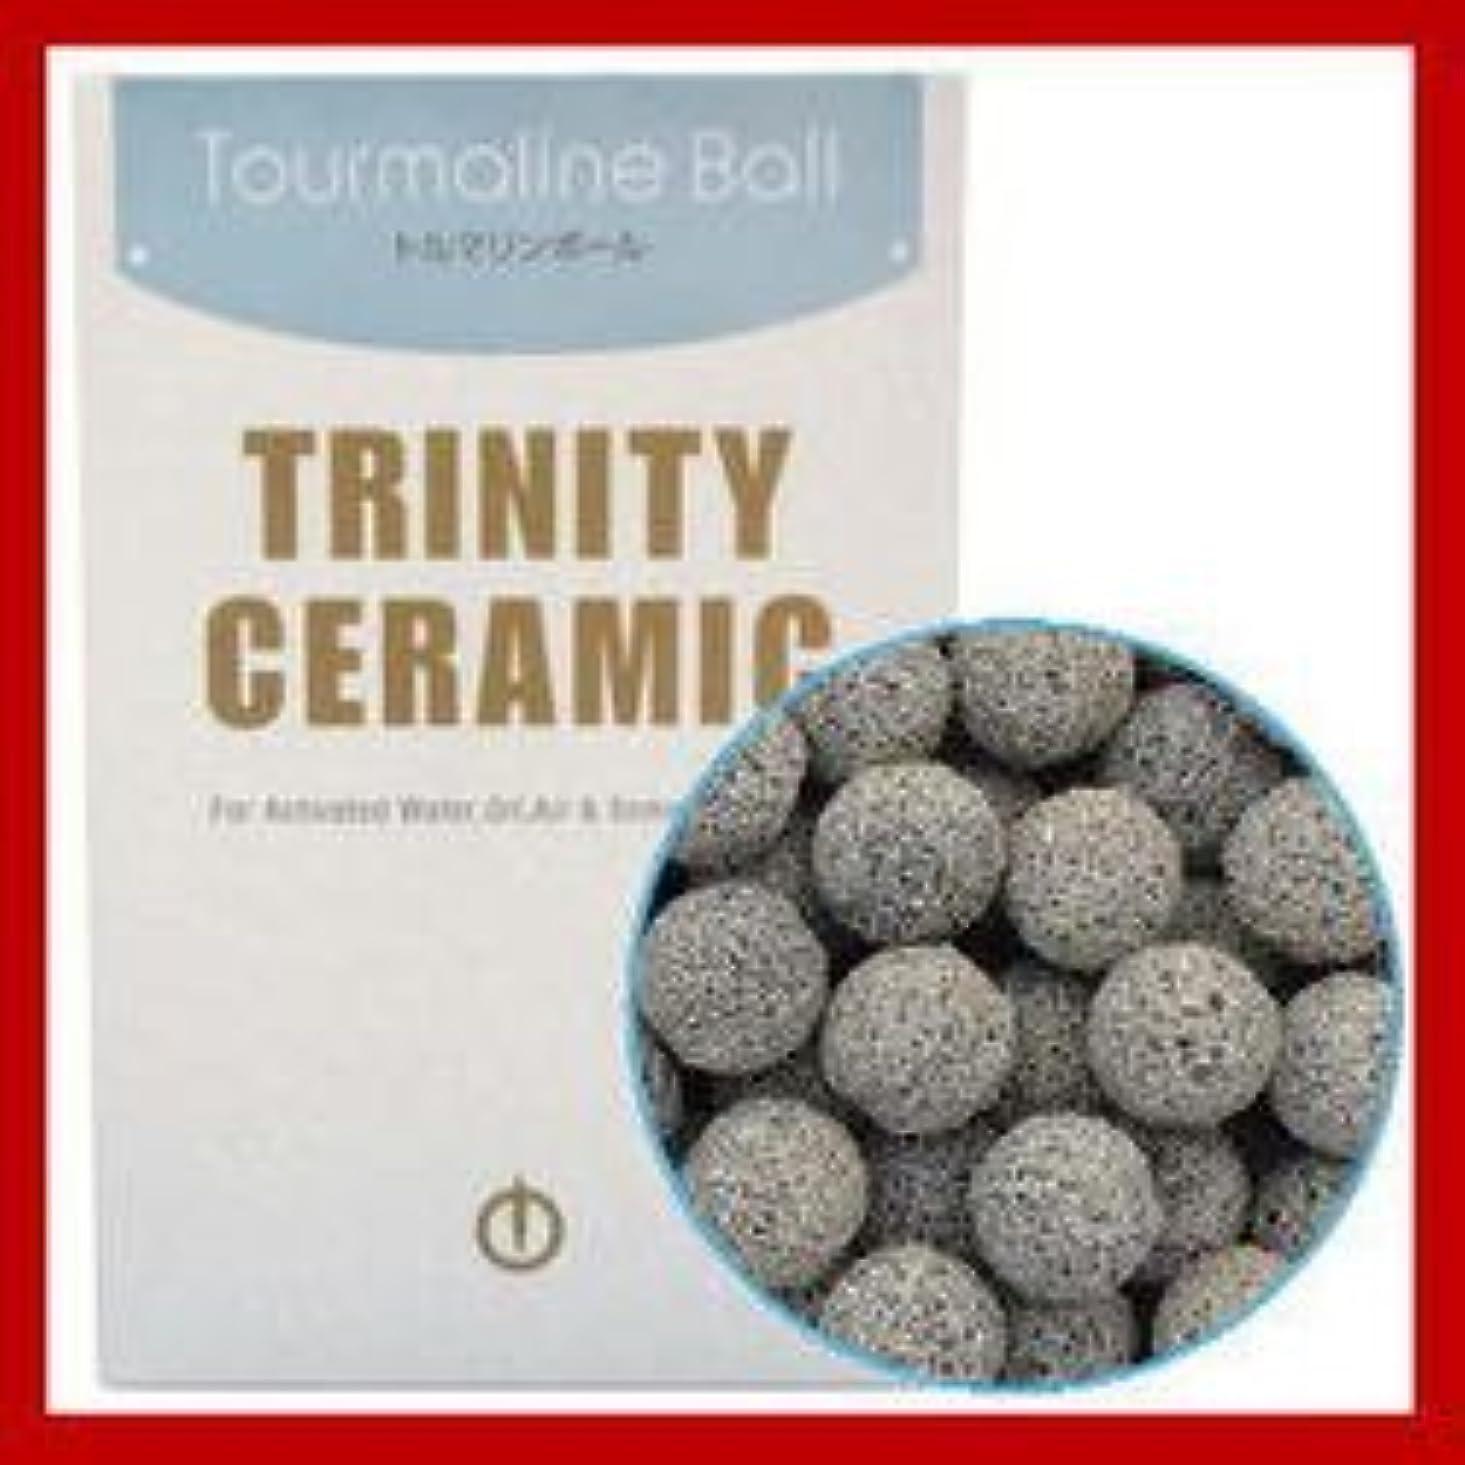 存在する気味の悪い階トリニティーセラミック トルマリンボール 200g